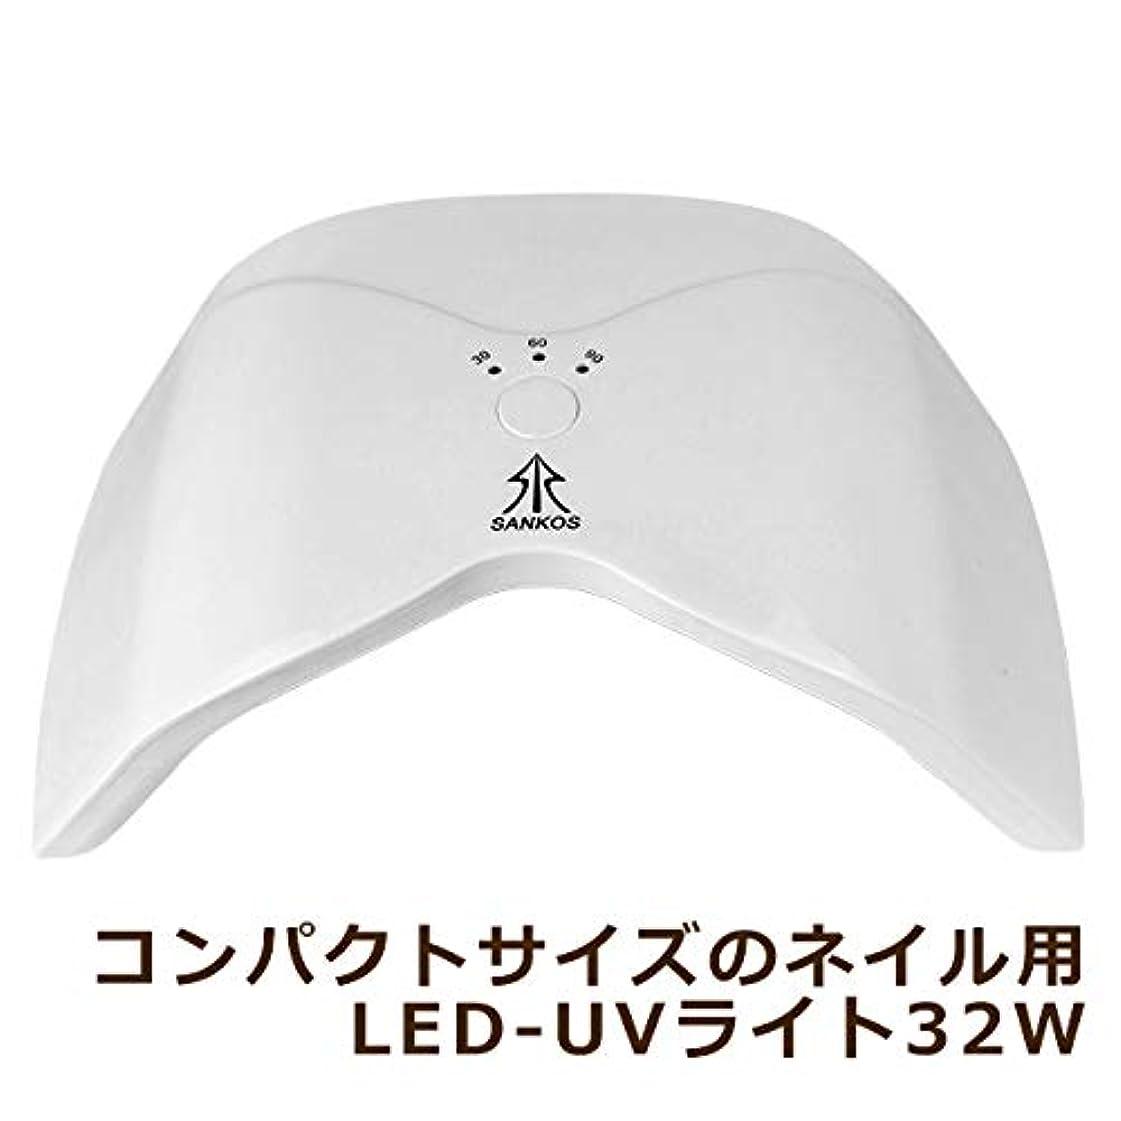 アラビア語農業の船尾【新入荷】コンパクトサイズ ネイル用 LED-UVライト 32W (LED&UV両方対応)30秒?60秒?90秒タイマー付 (ホワイト)